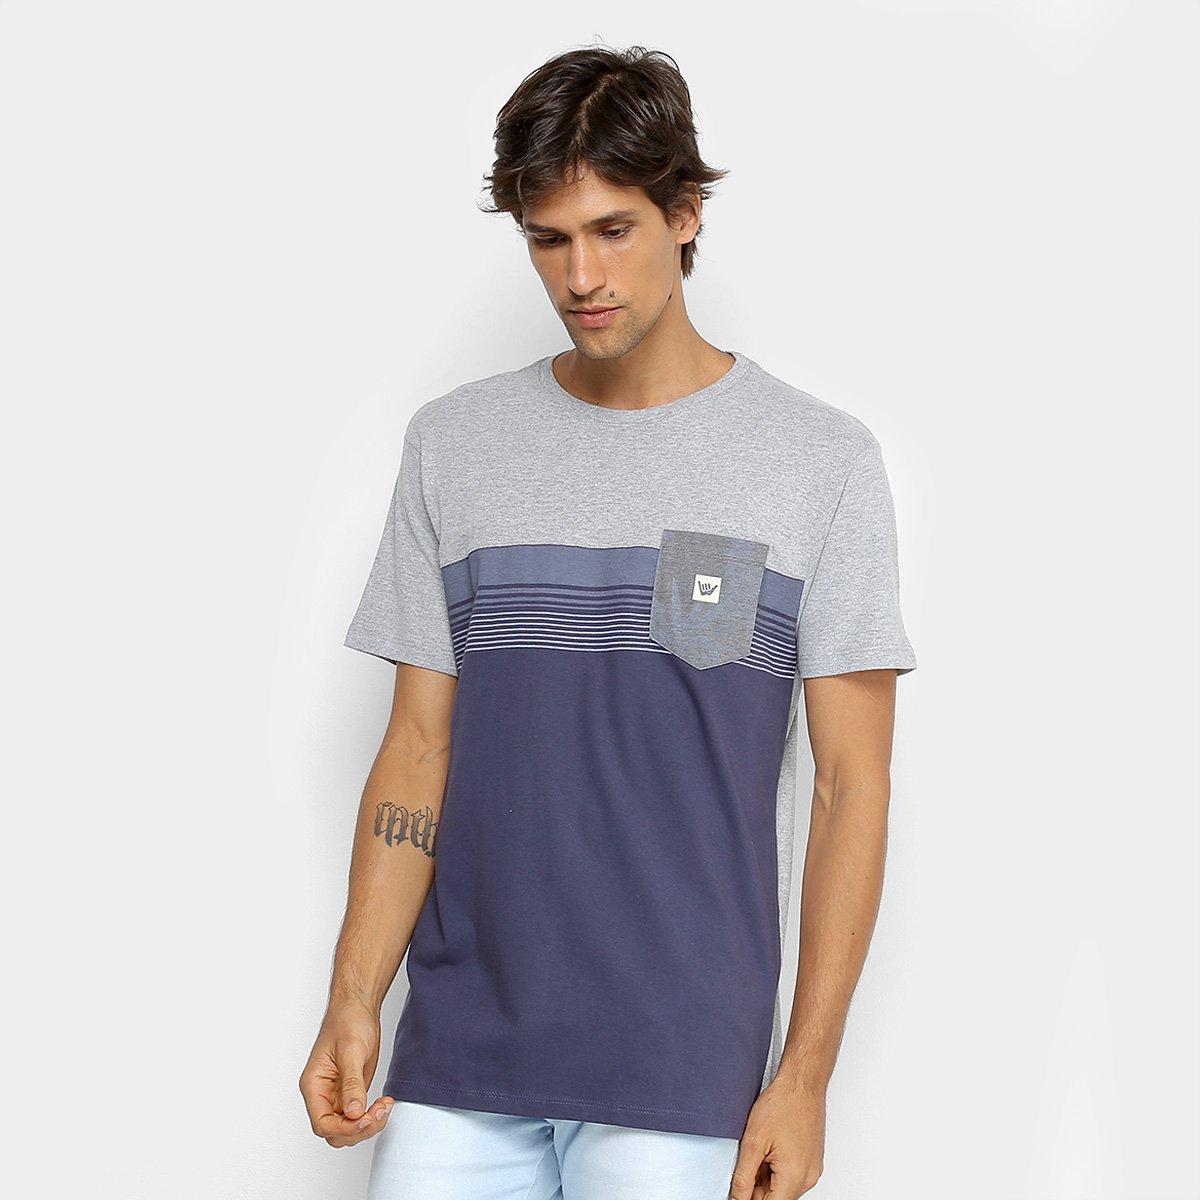 Camiseta Hang Loose Especial Acqua Masculina fa6e9c1a19b